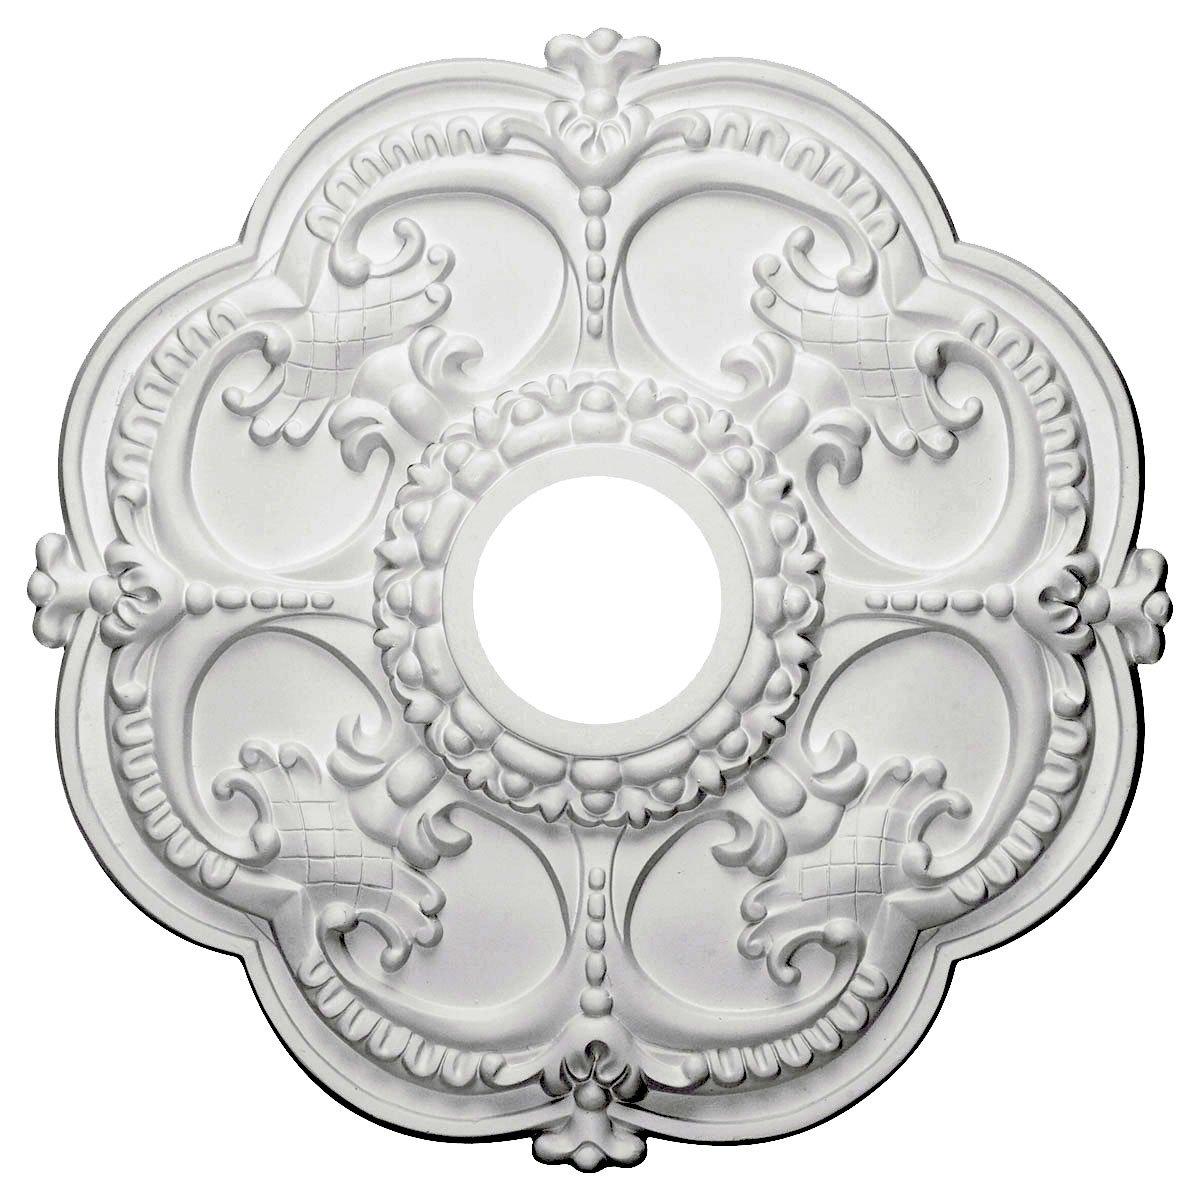 Ekena Millwork CM17RO 18-Inch OD x 3 1/2-Inch ID x 1 1/2-Inch Rotherham Ceiling Medallion